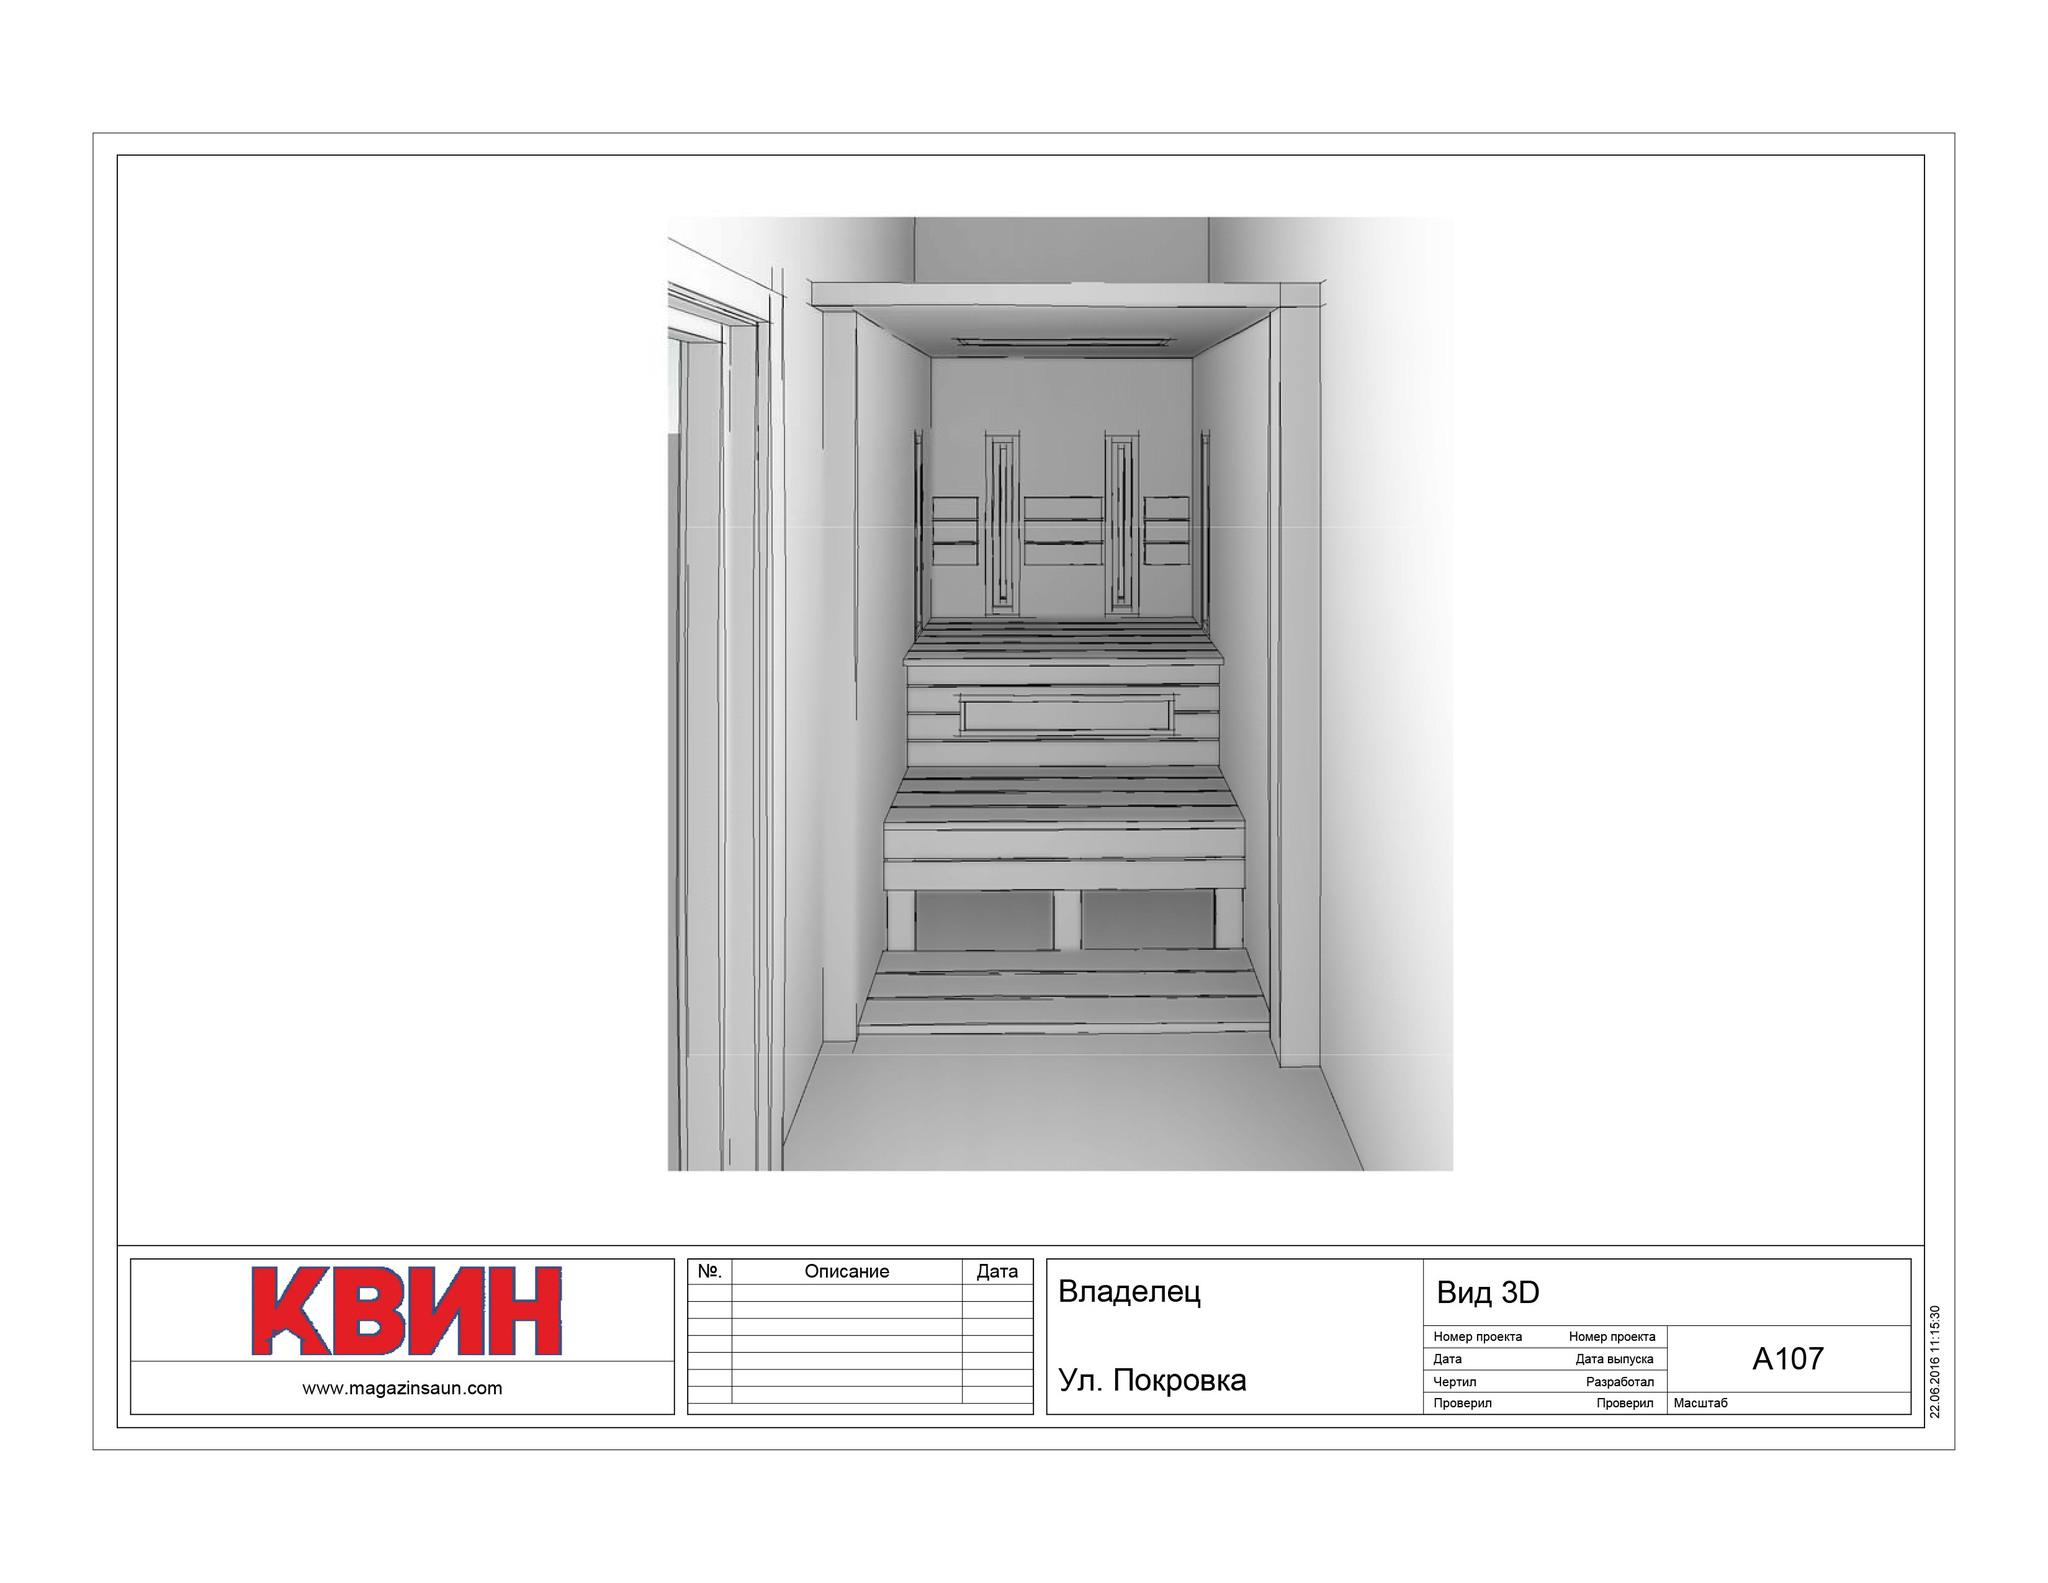 Проект инфракрасная кабина 1,4х1,4 материал: все липа, фото 1